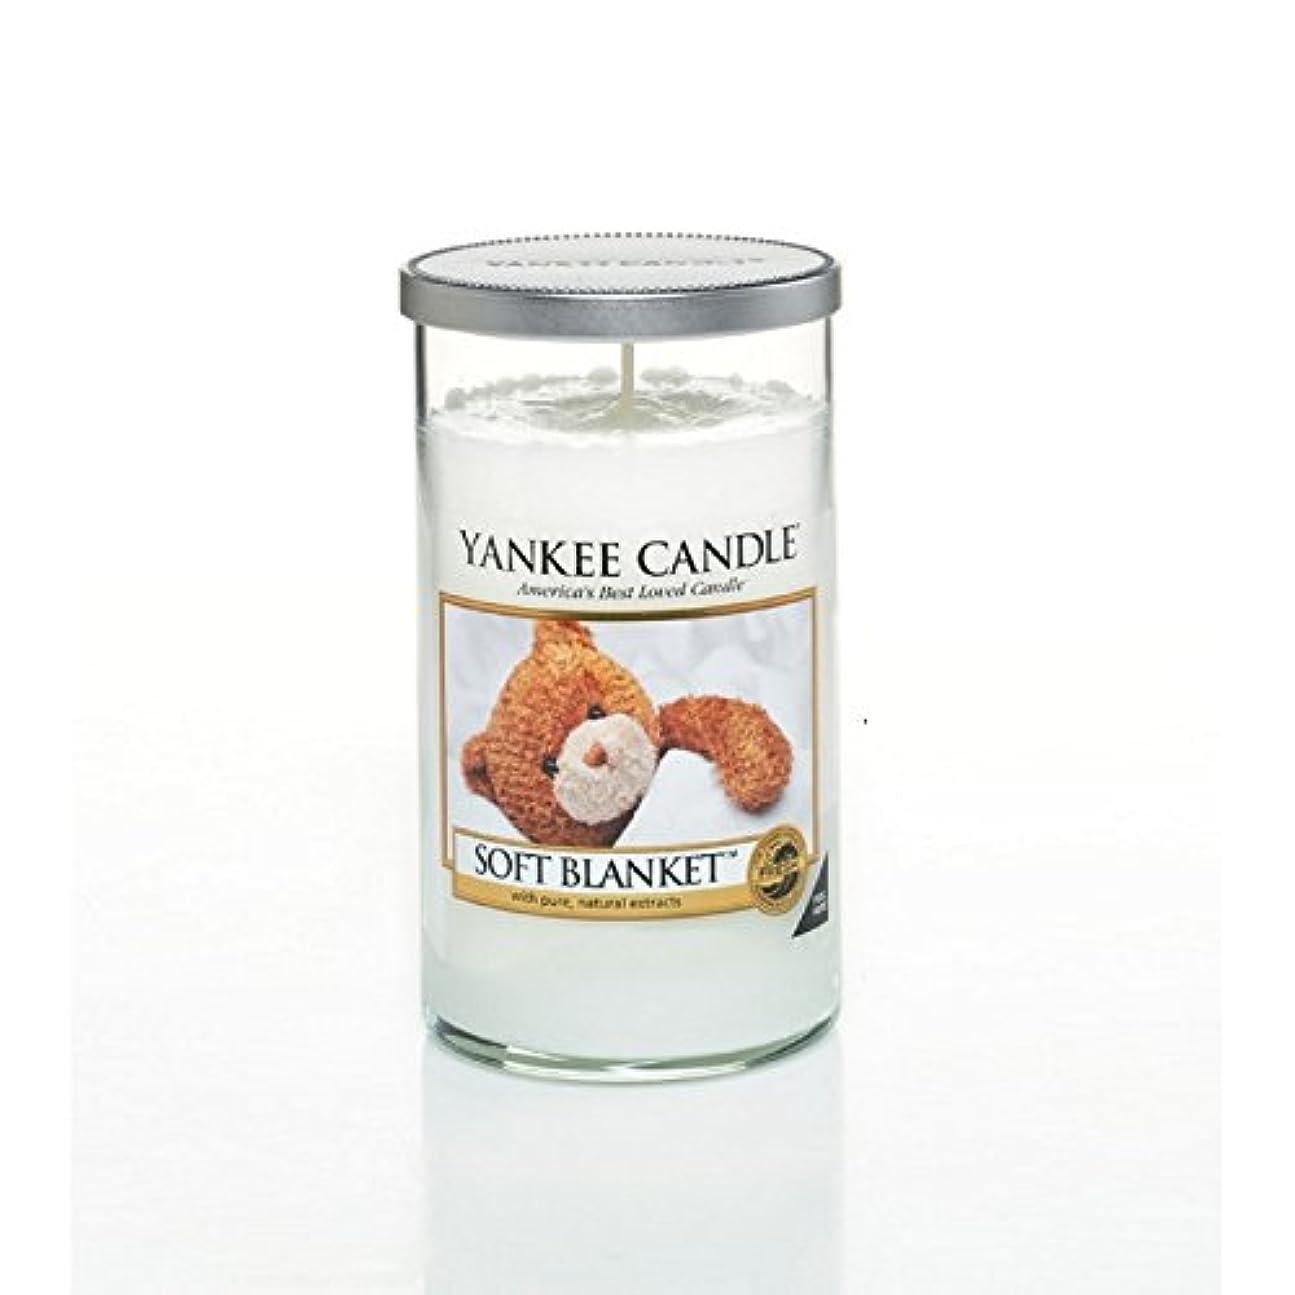 差し迫った膨張する重要性Yankee Candles Medium Pillar Candle - Soft Blanket (Pack of 6) - ヤンキーキャンドルメディアピラーキャンドル - ソフト毛布 (x6) [並行輸入品]